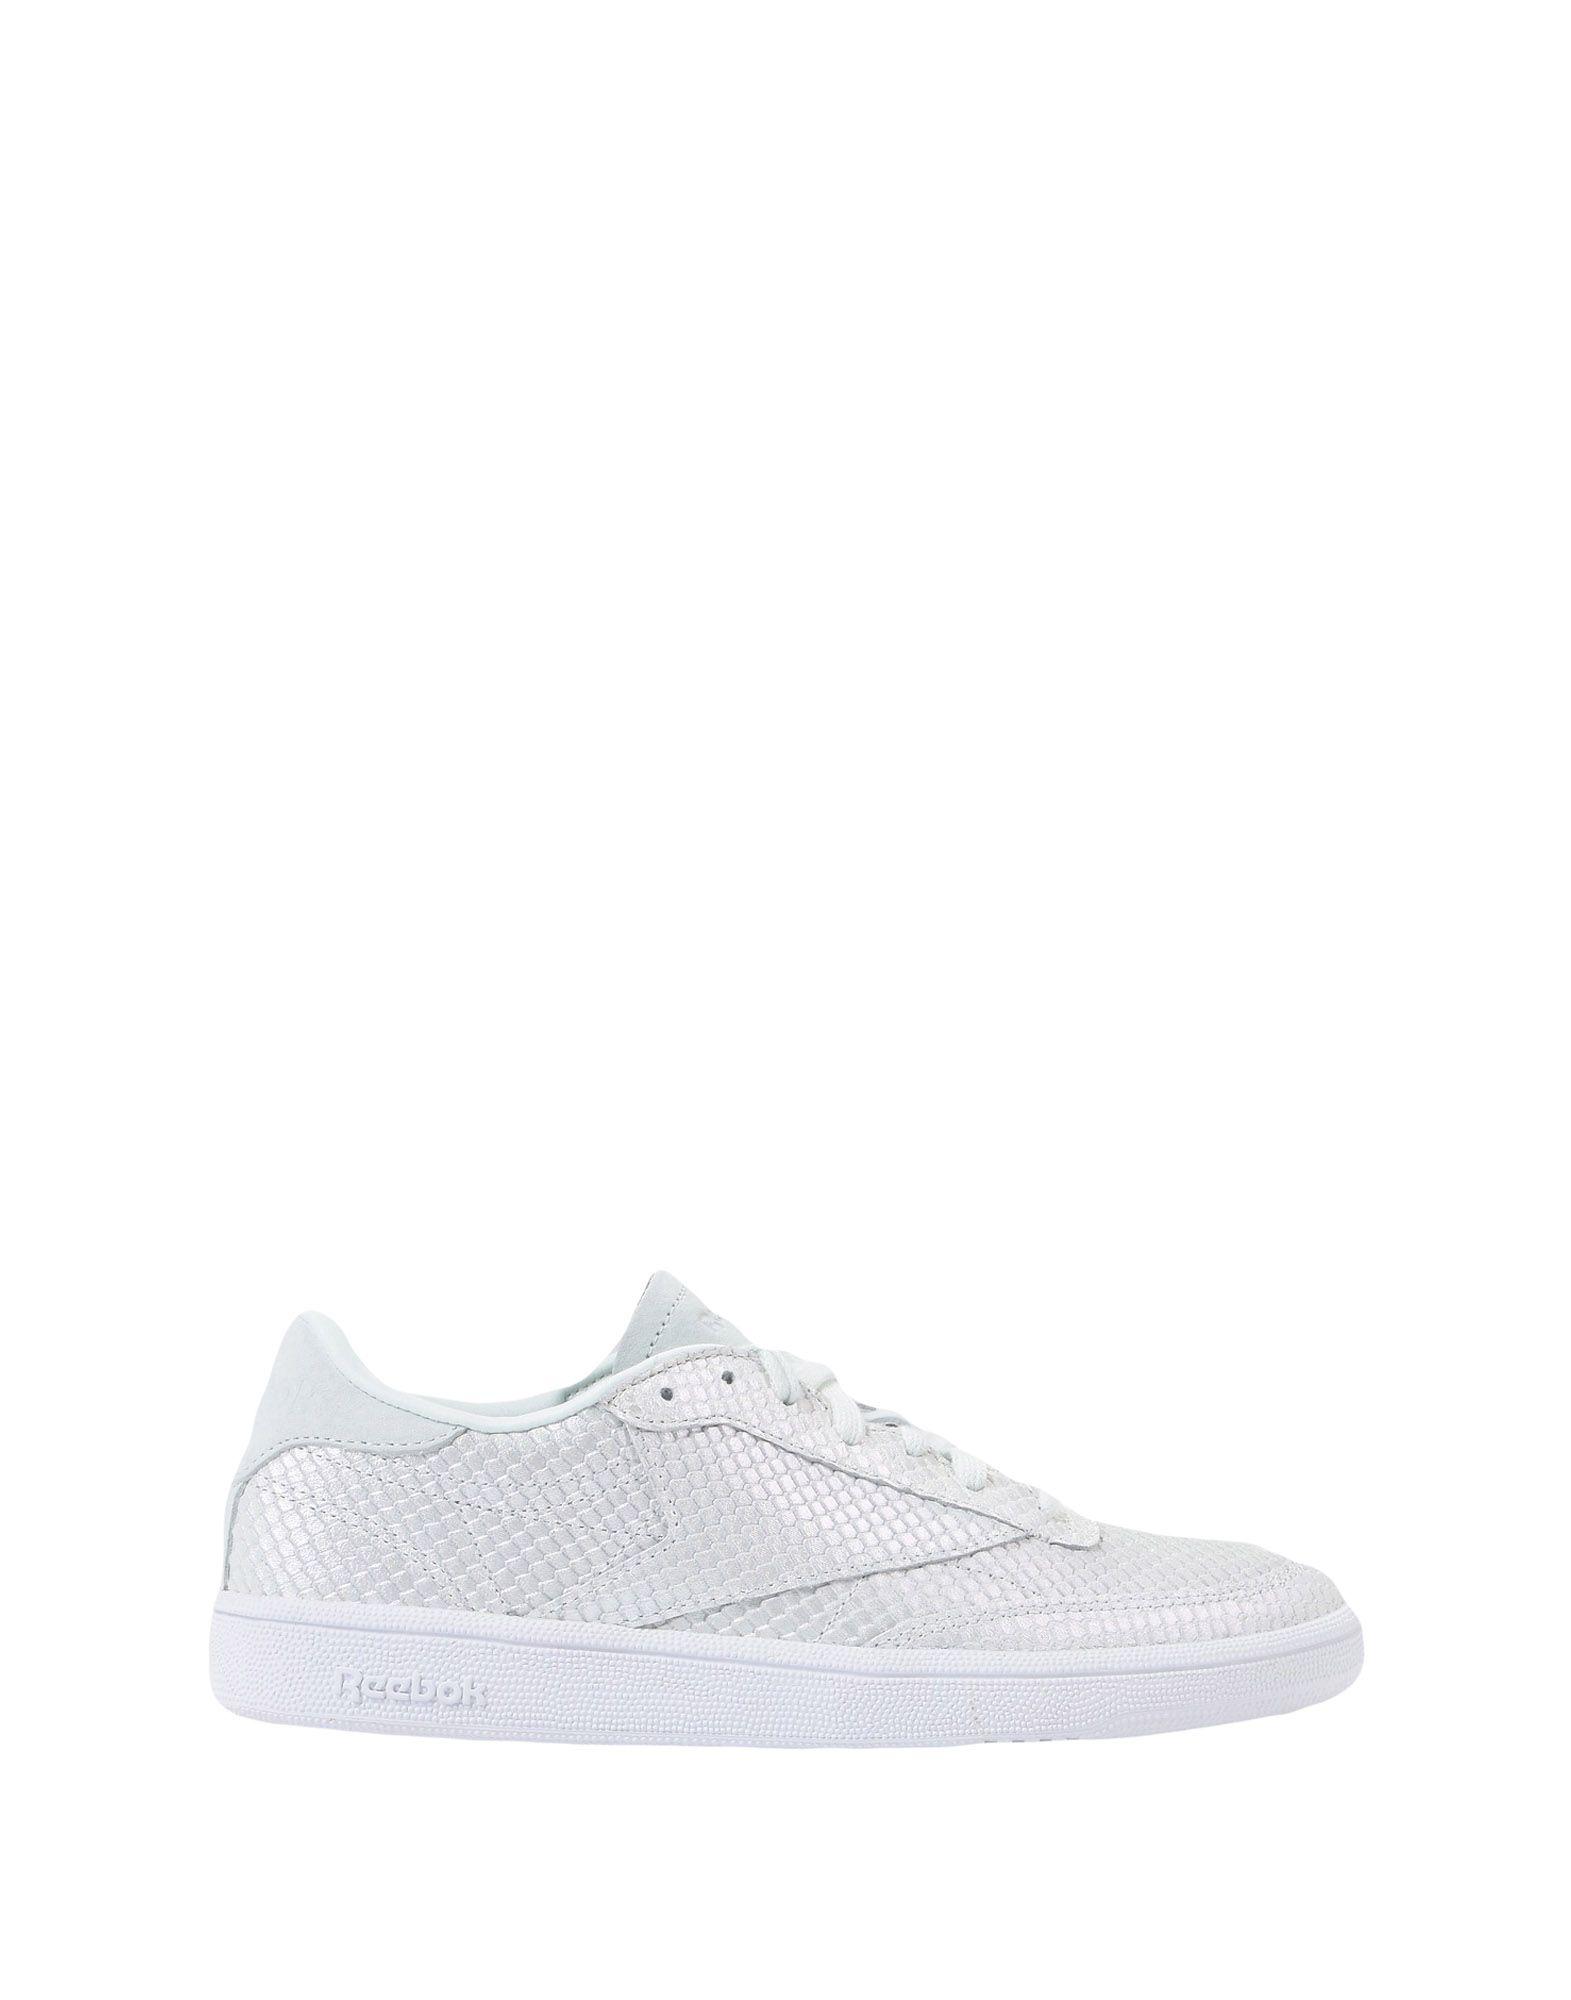 Reebok Club C Qualität 85 Textural  11443468DK Gute Qualität C beliebte Schuhe 4f2887